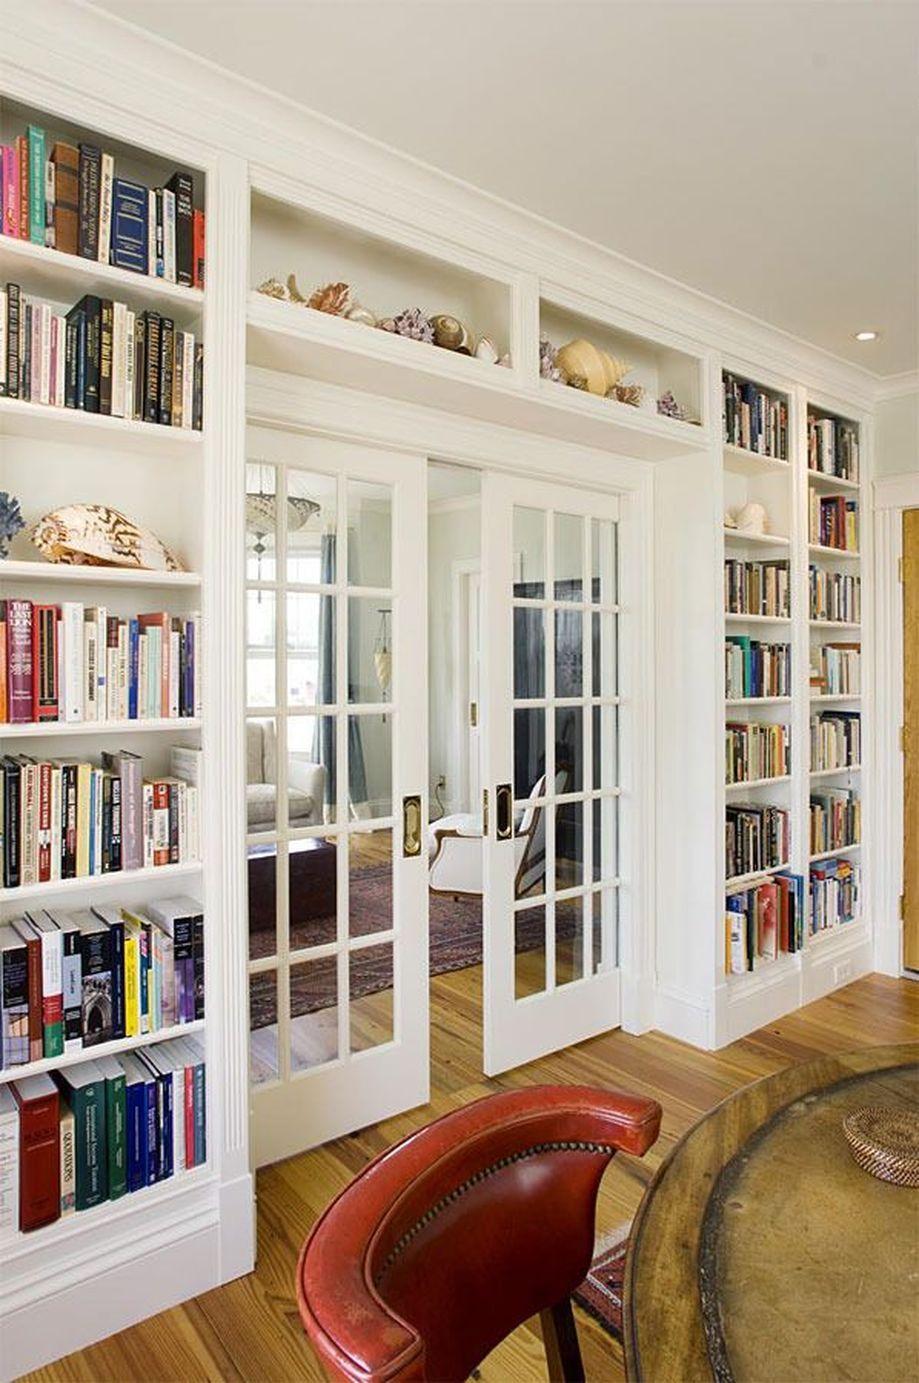 Brilliant Built In Shelves Ideas for Living Room 27 | Pinterest ...